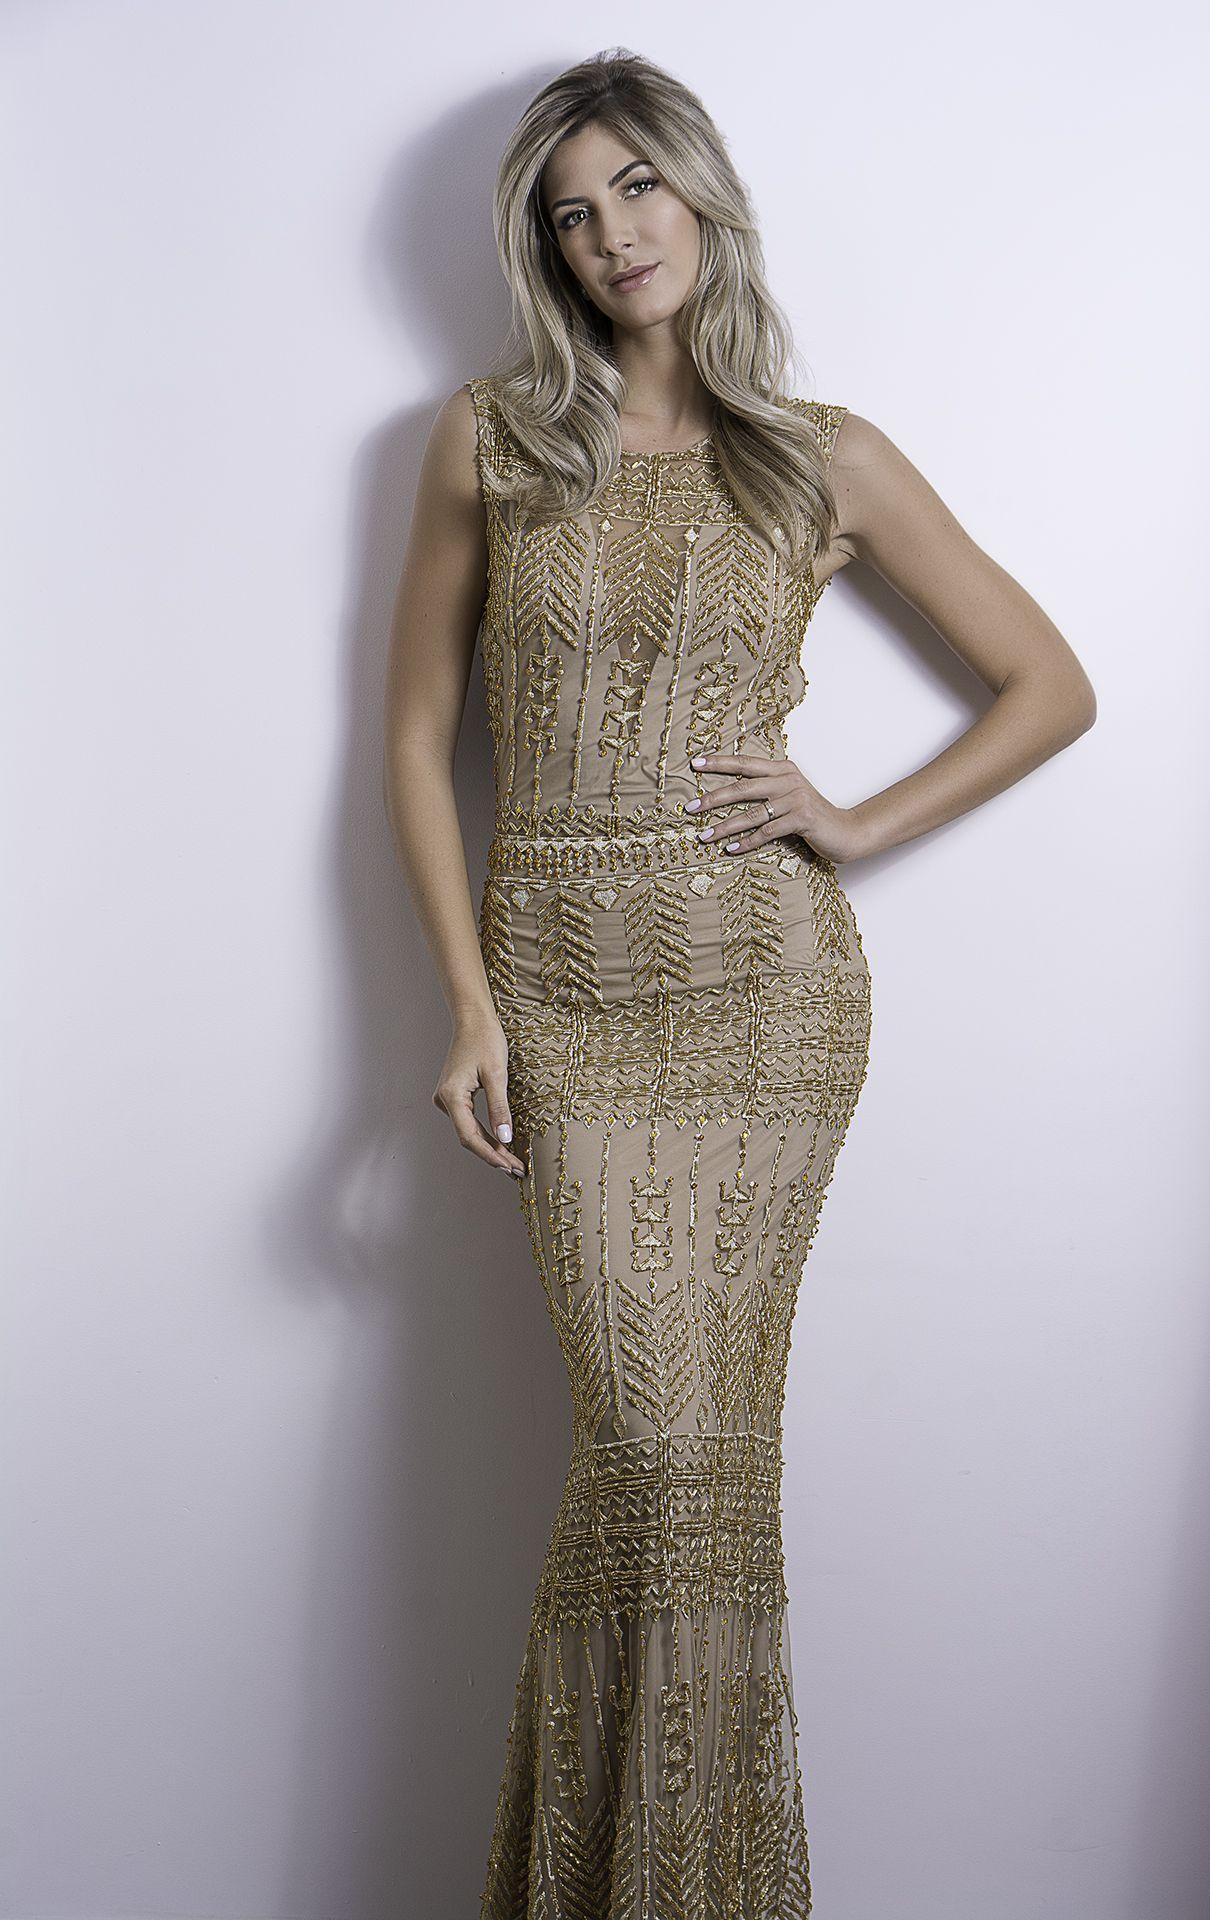 688750cc0 Vestido bordado dourado | Acessórios - Conscious dress | Pinterest ...